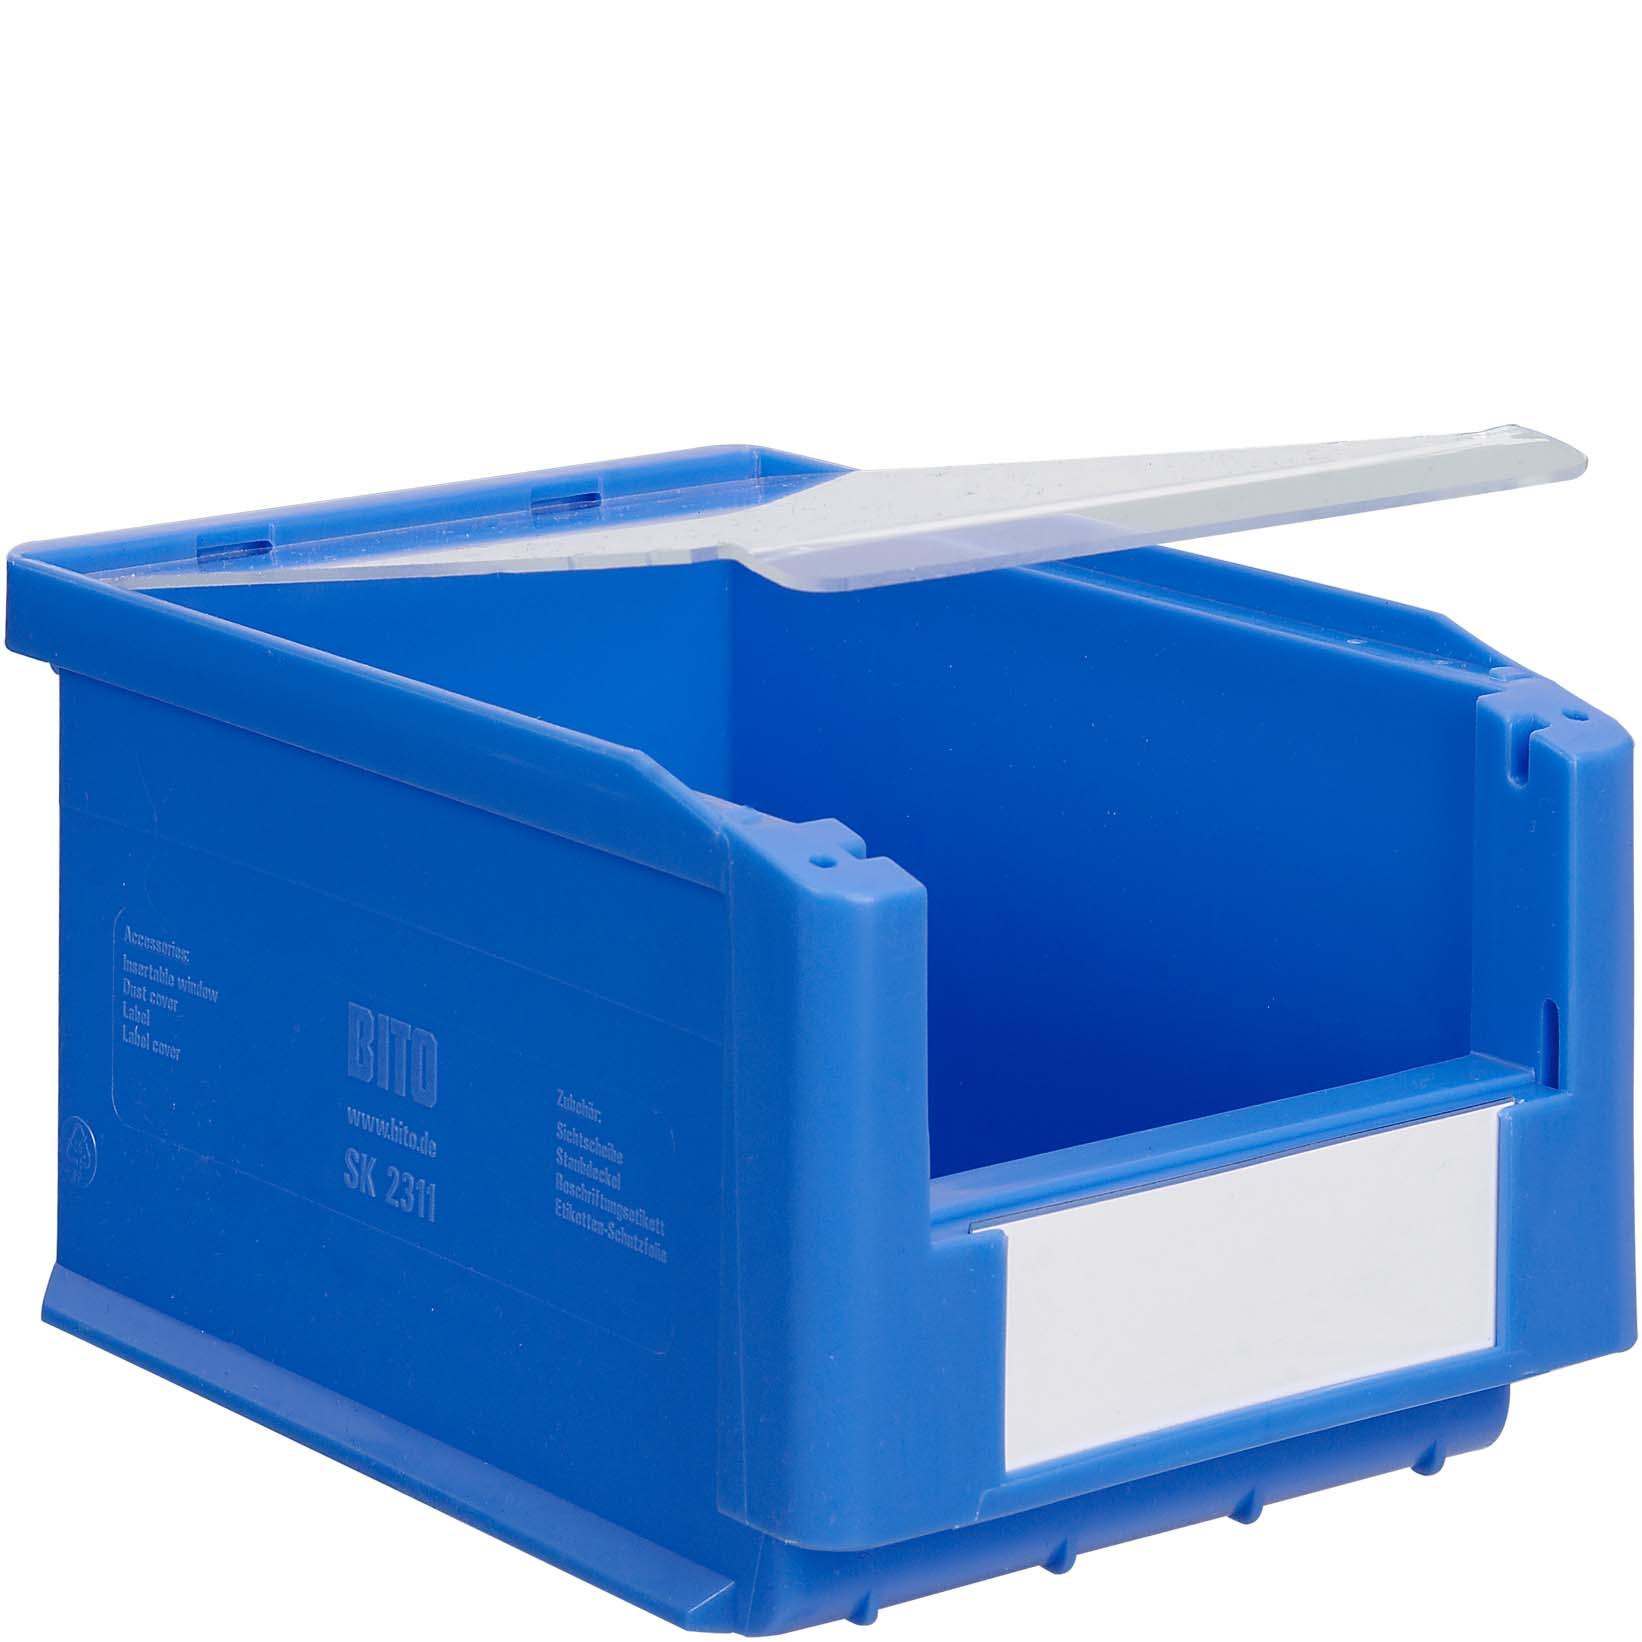 Deckel-Scharnier-Verschlüsse für Eurostapelbehälter BN